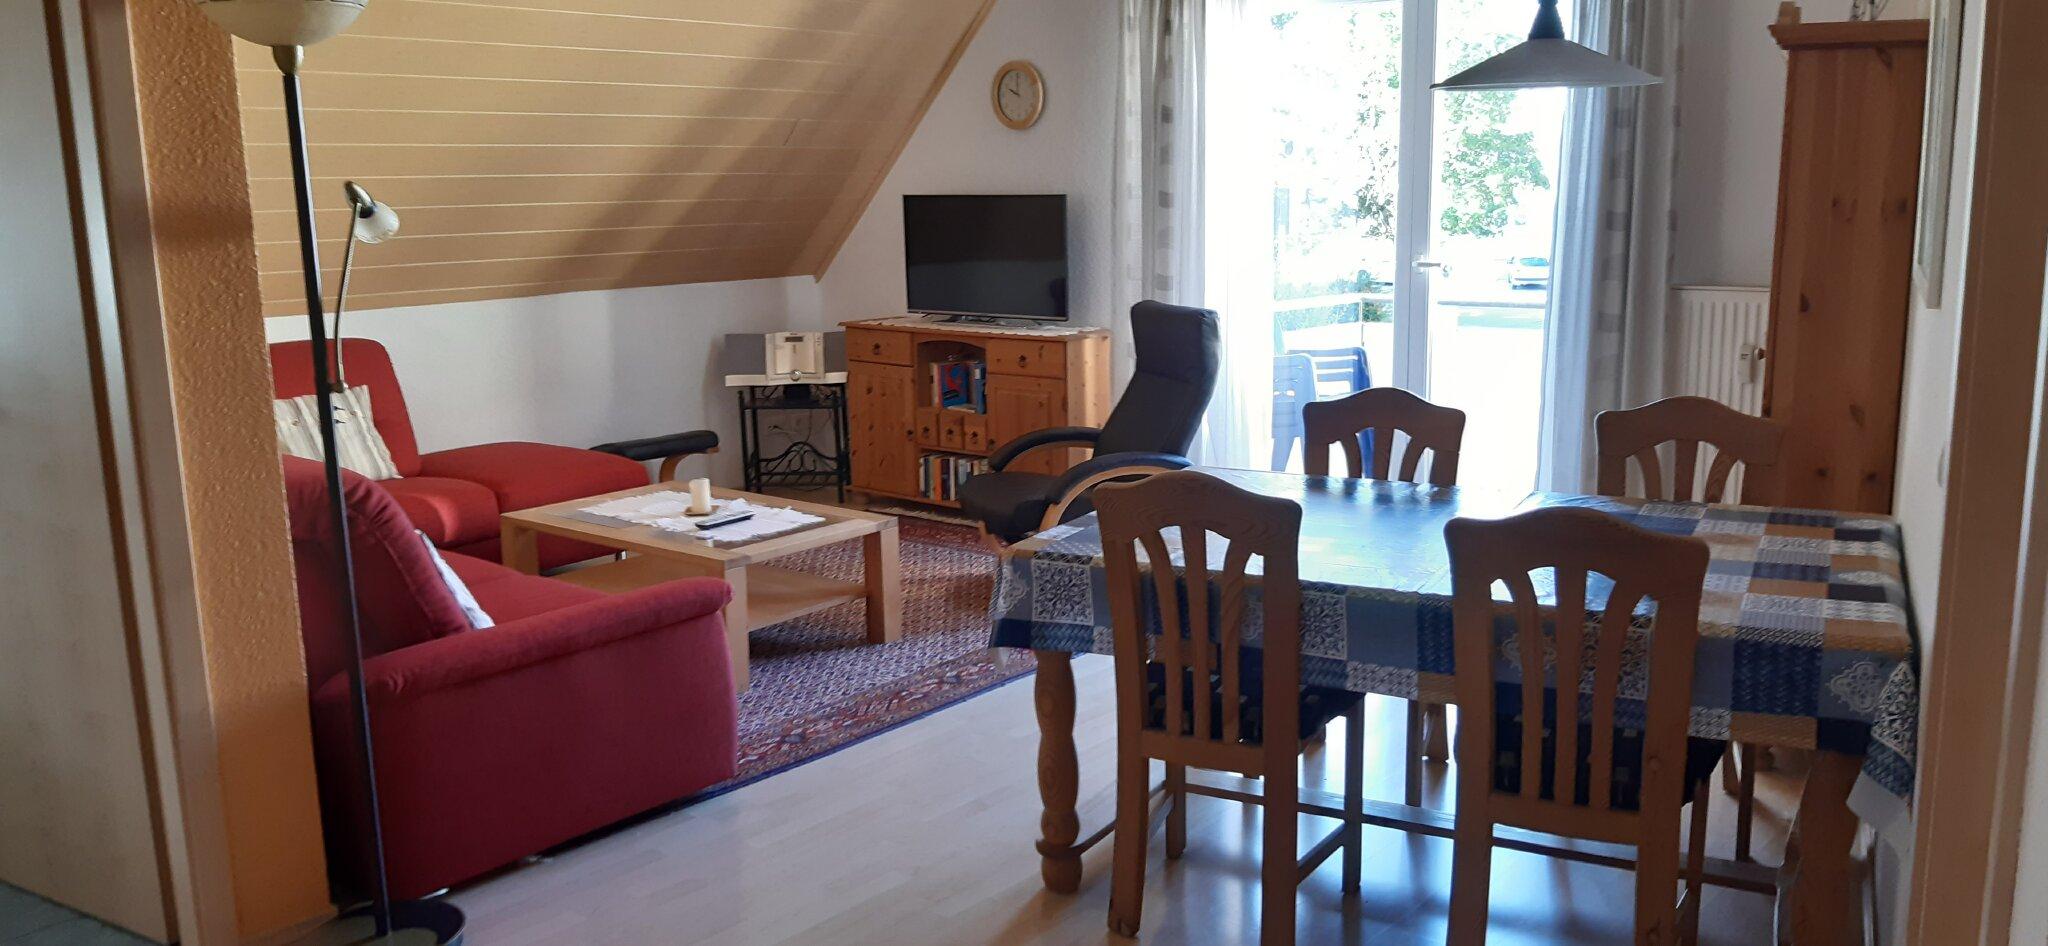 Zi Haus apartment Bad Schmiedeweg In 3 Ferienwohnung 0PX8wknO